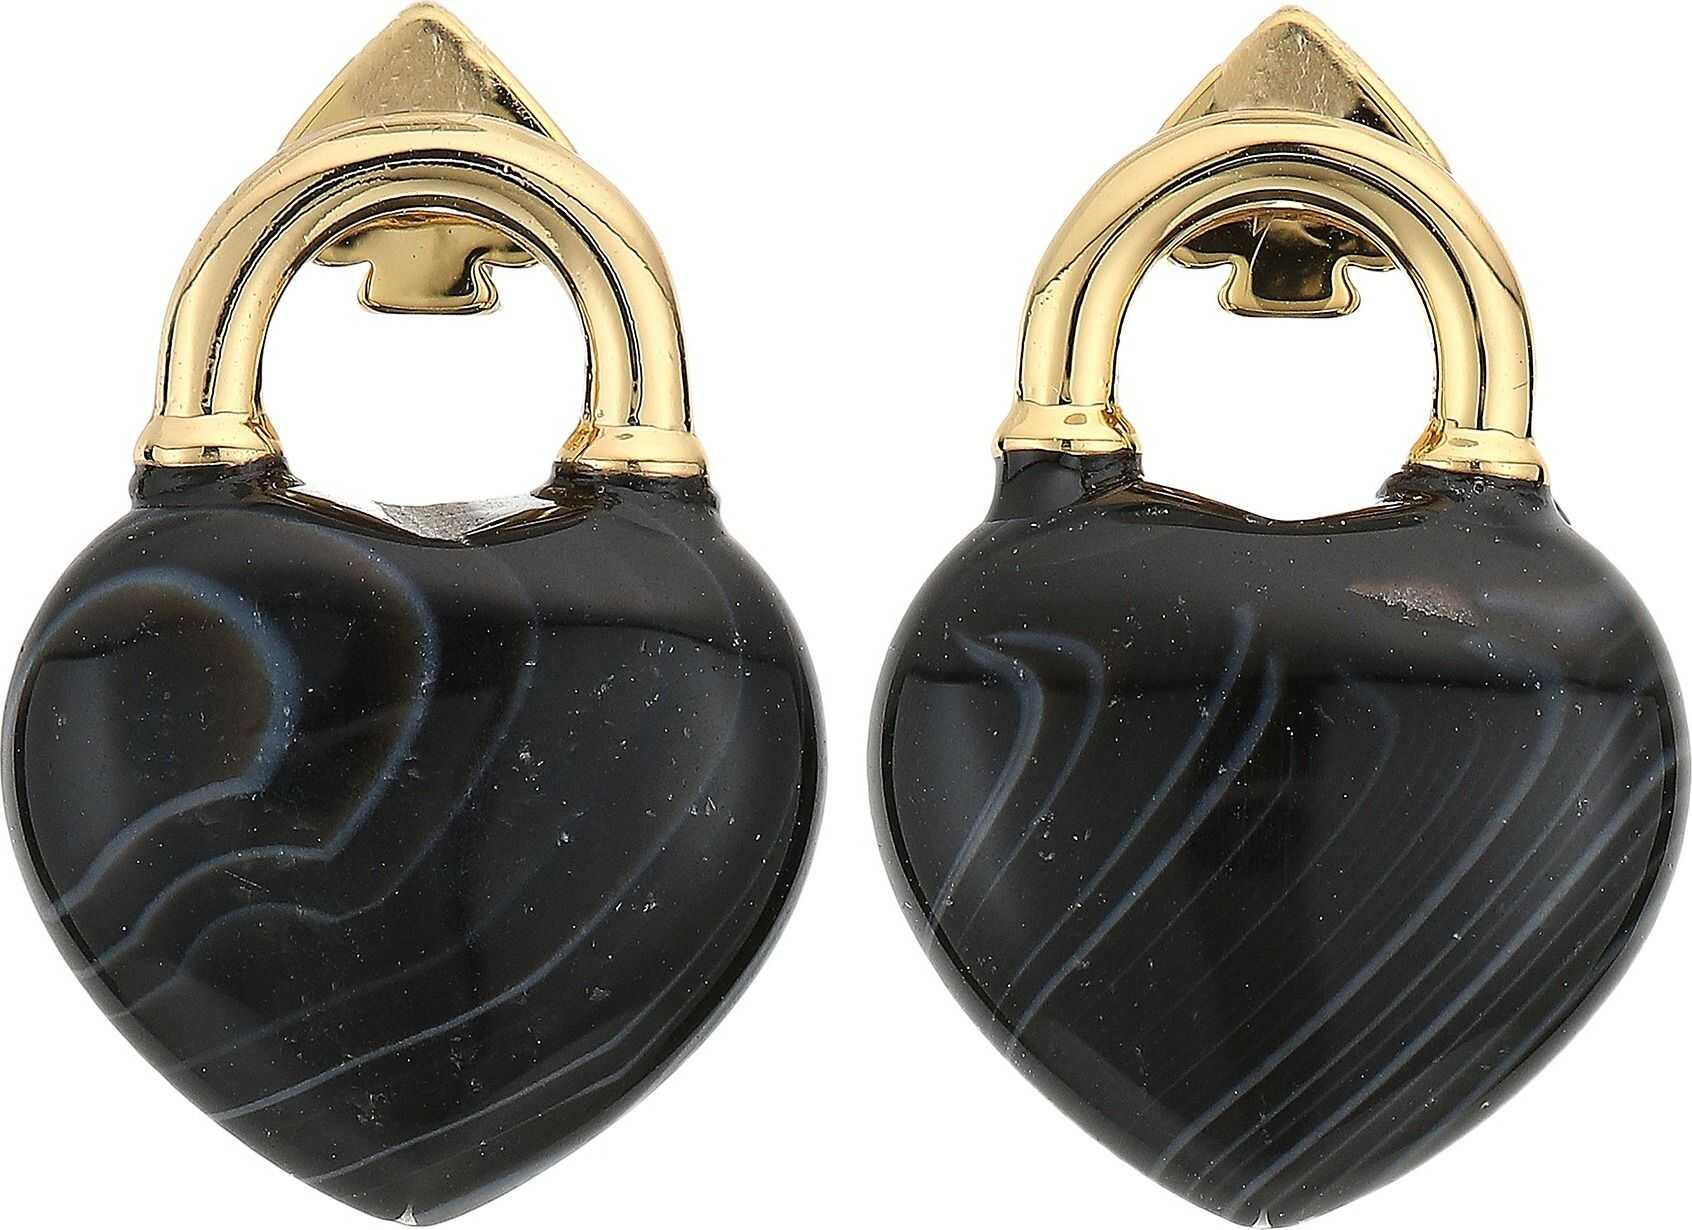 Kate Spade New York Open Heart Stone Lock Studs Earrings Black